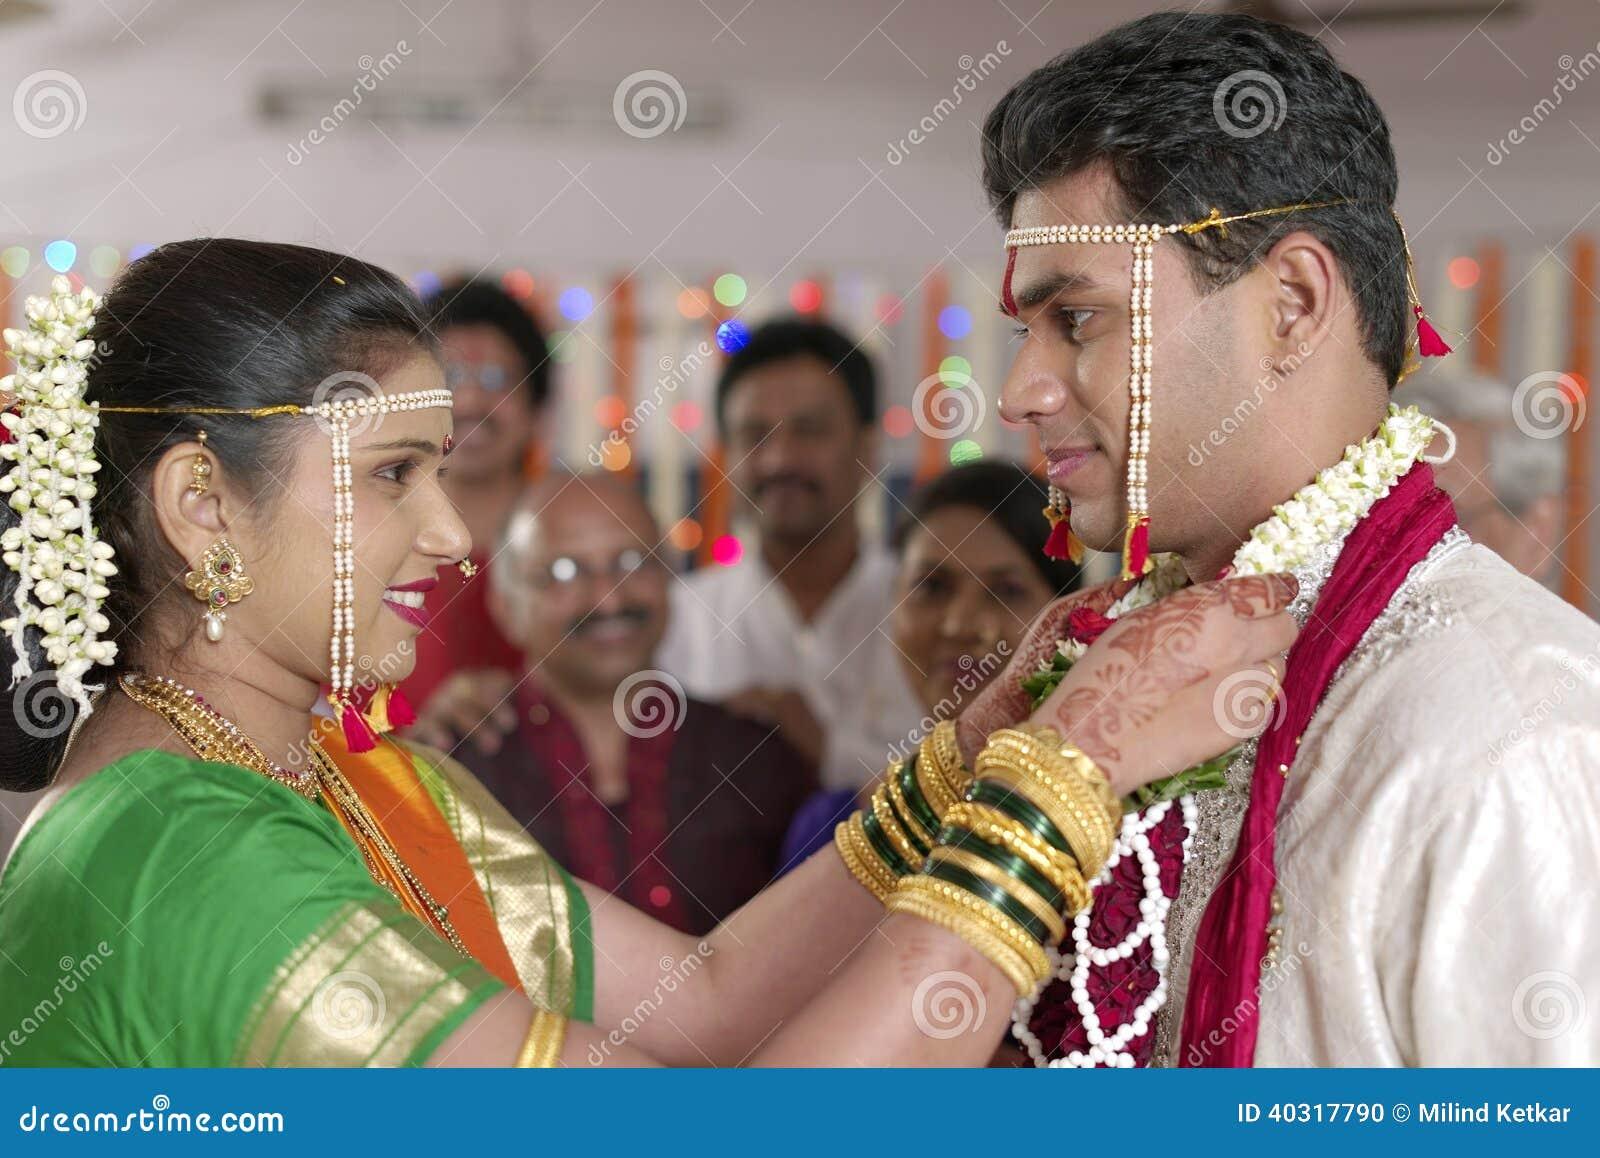 Indisk hinduisk brud som ser brudgummen och utbyter girlanden i maharashtrabröllop